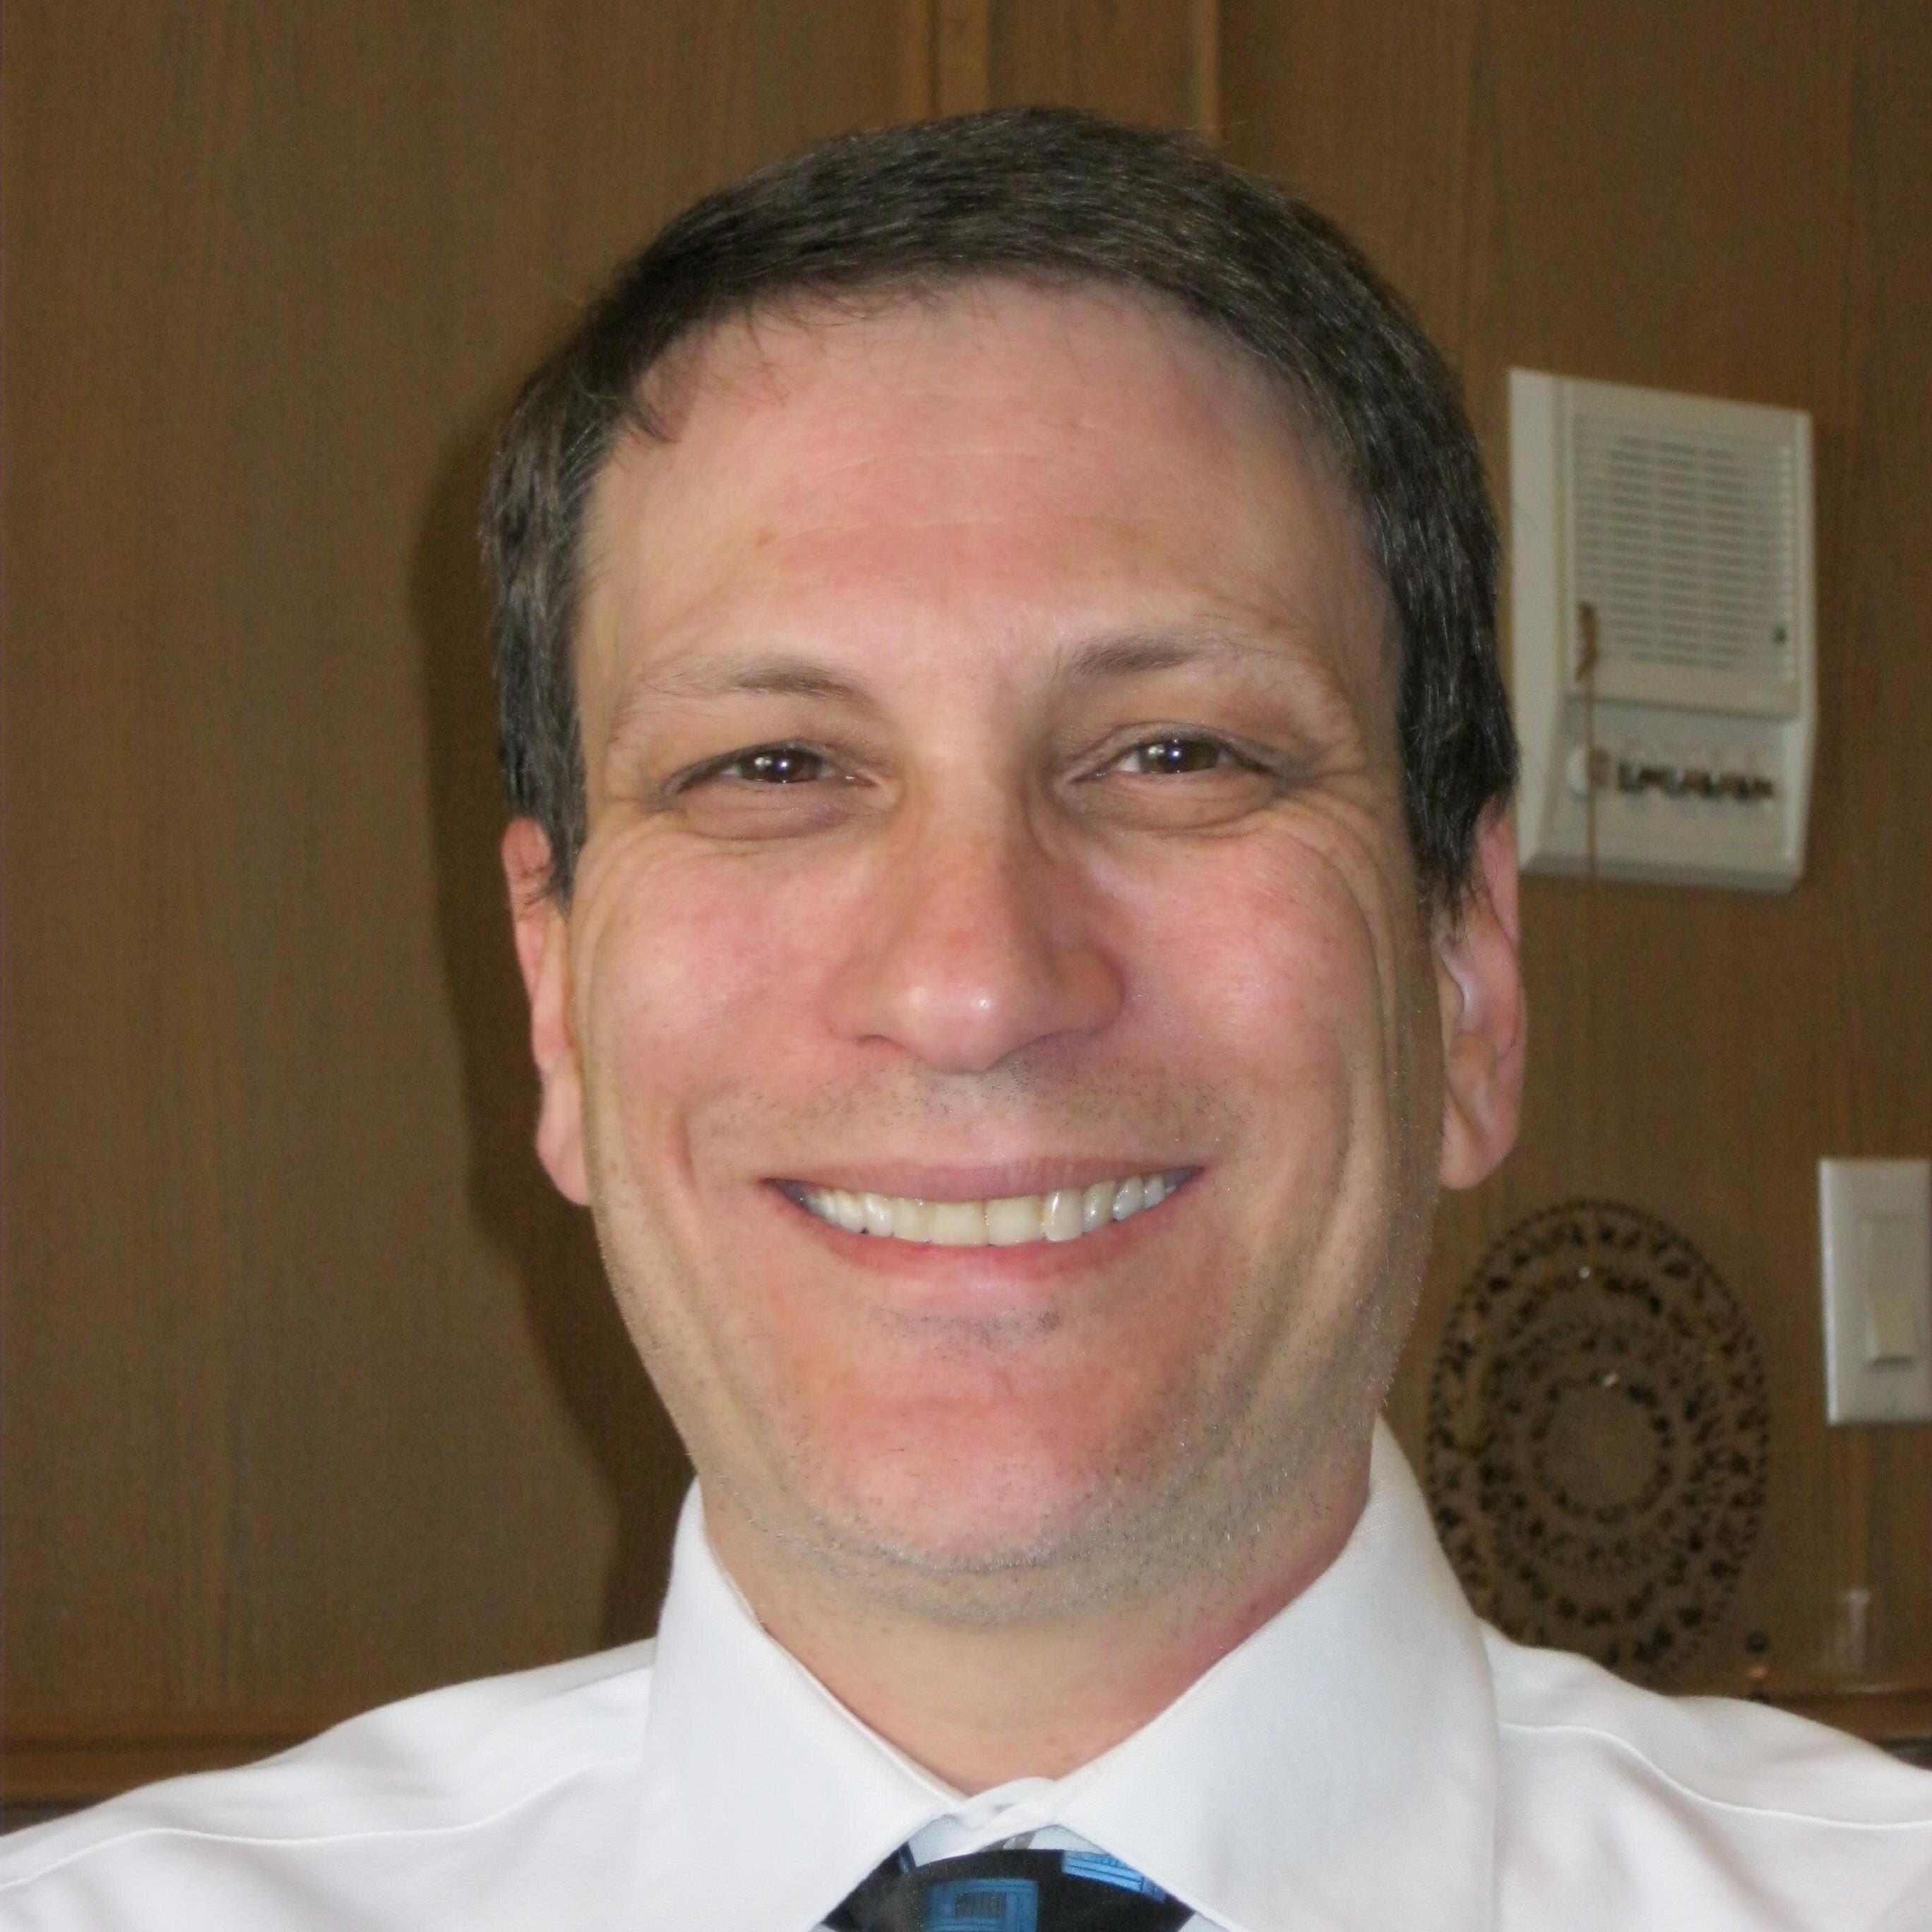 Dr. Joel Bordman